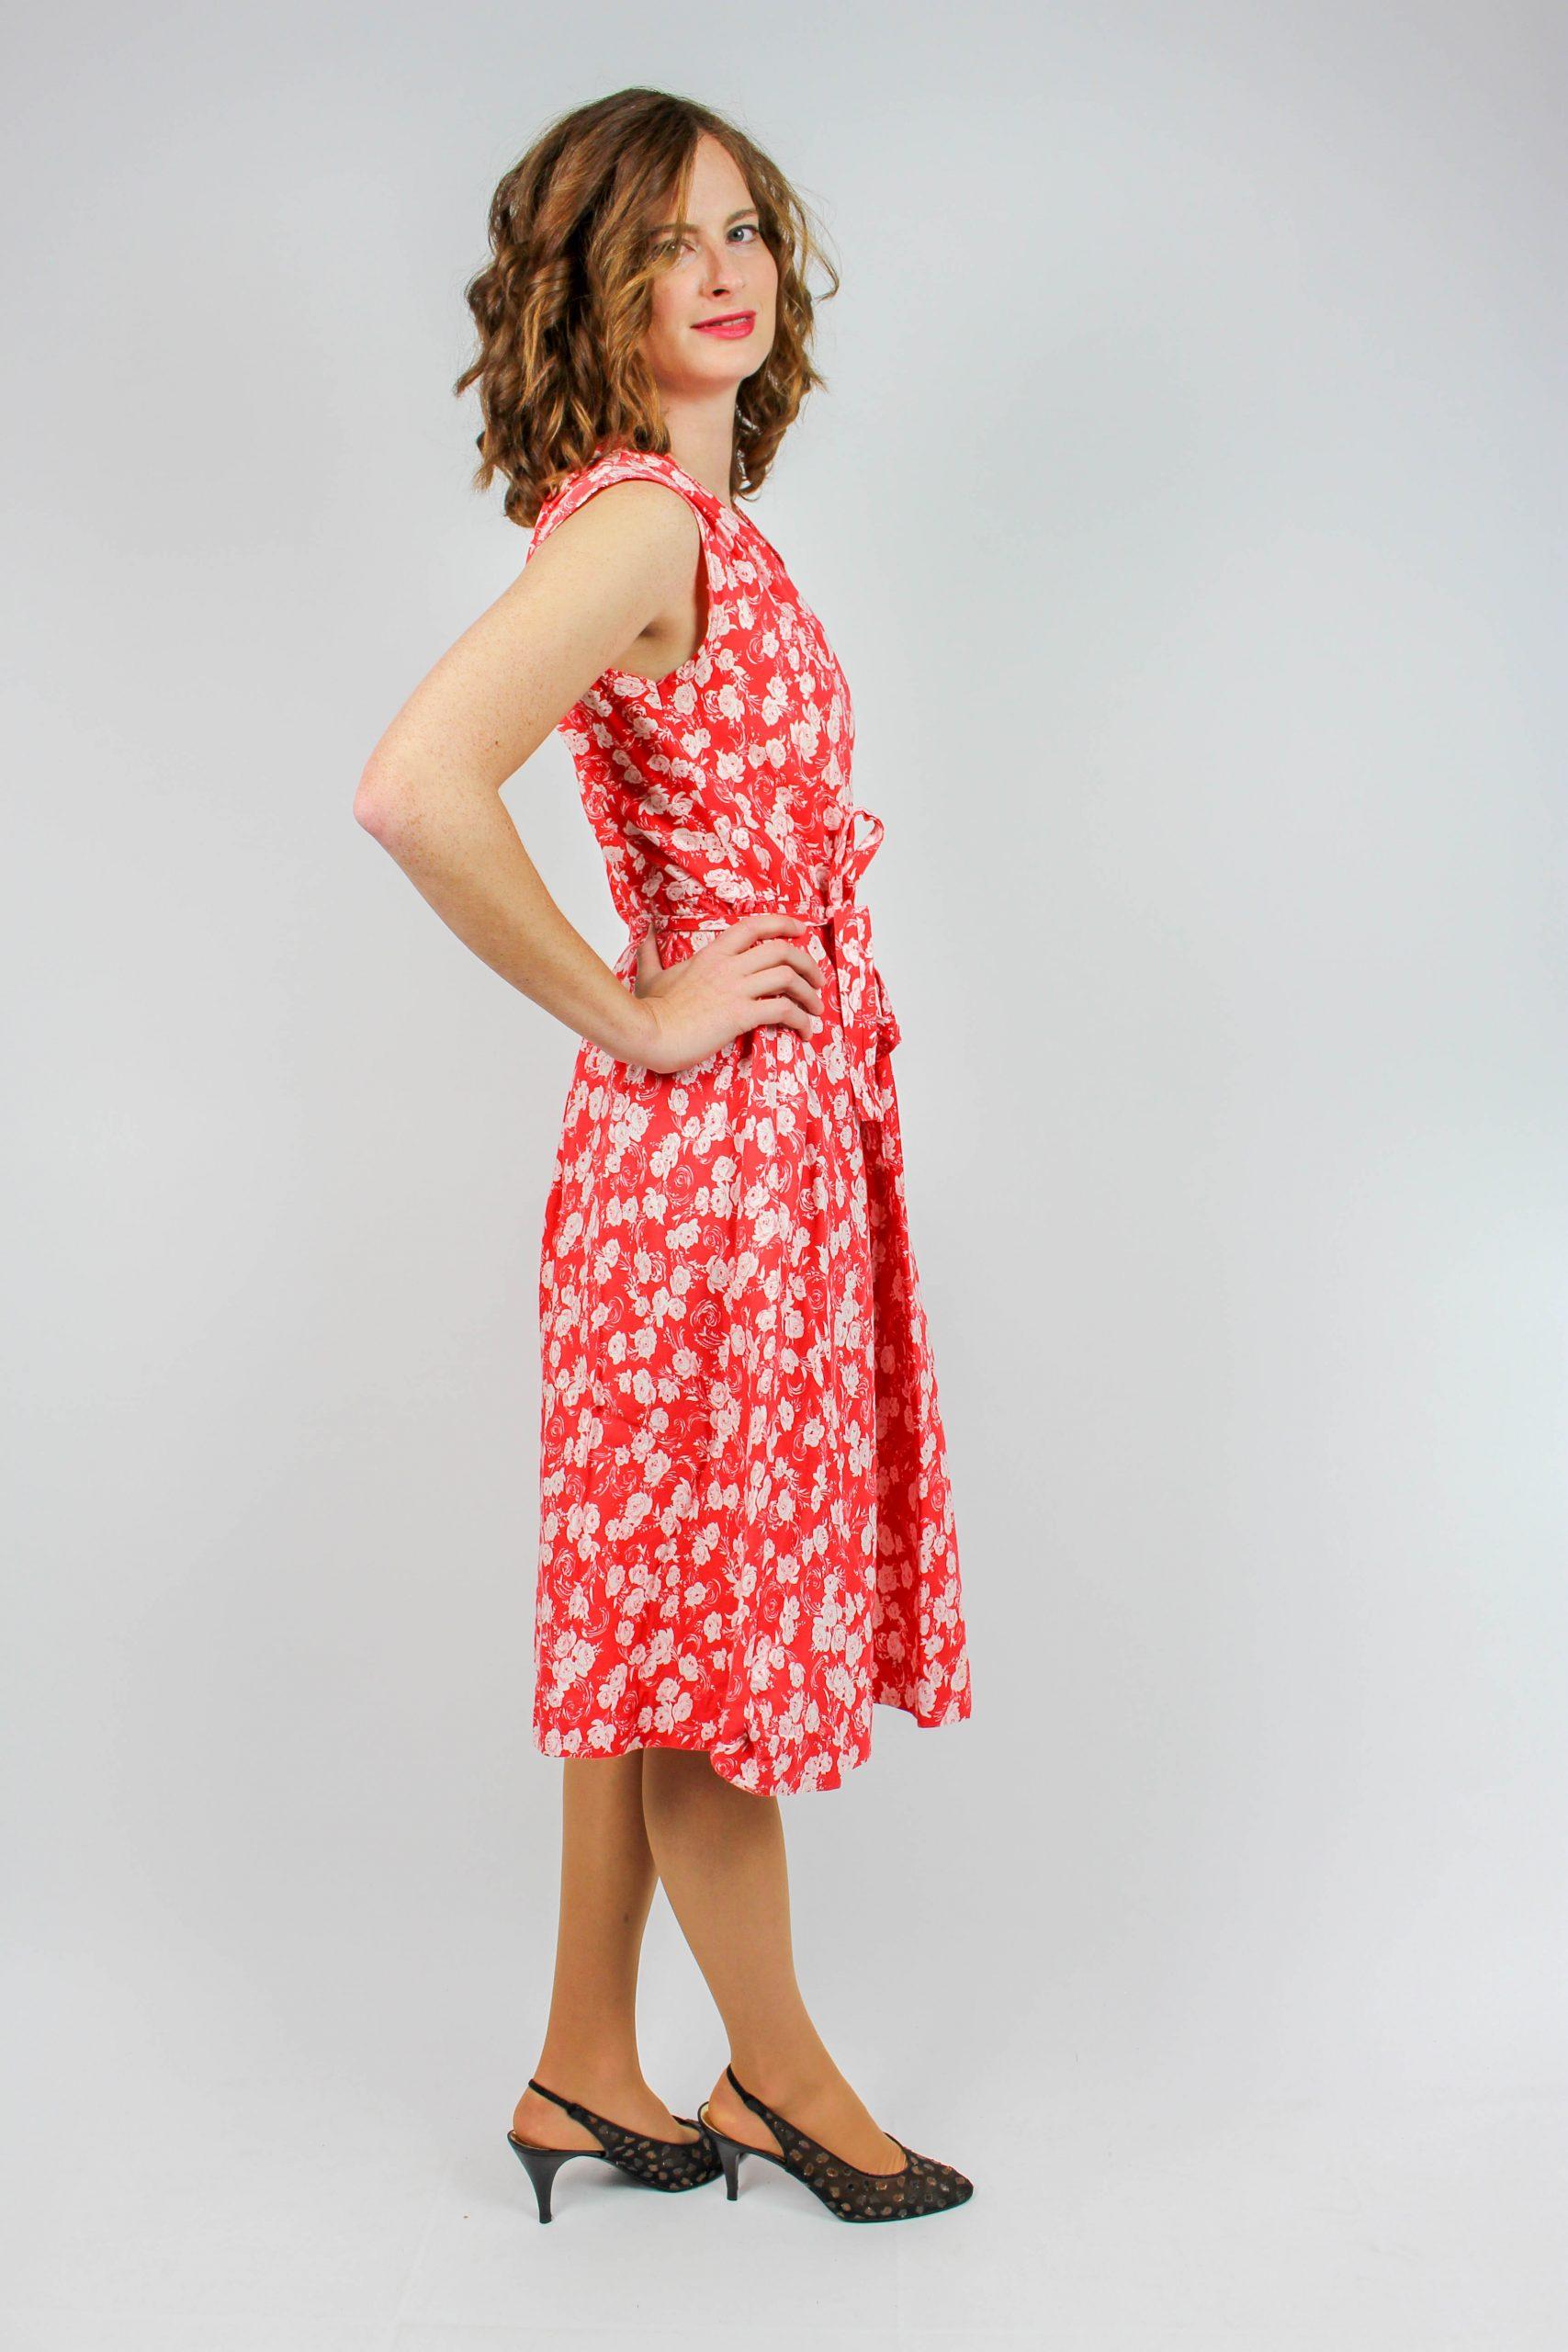 15 Großartig Sommerkleid Rot Stylish20 Elegant Sommerkleid Rot für 2019